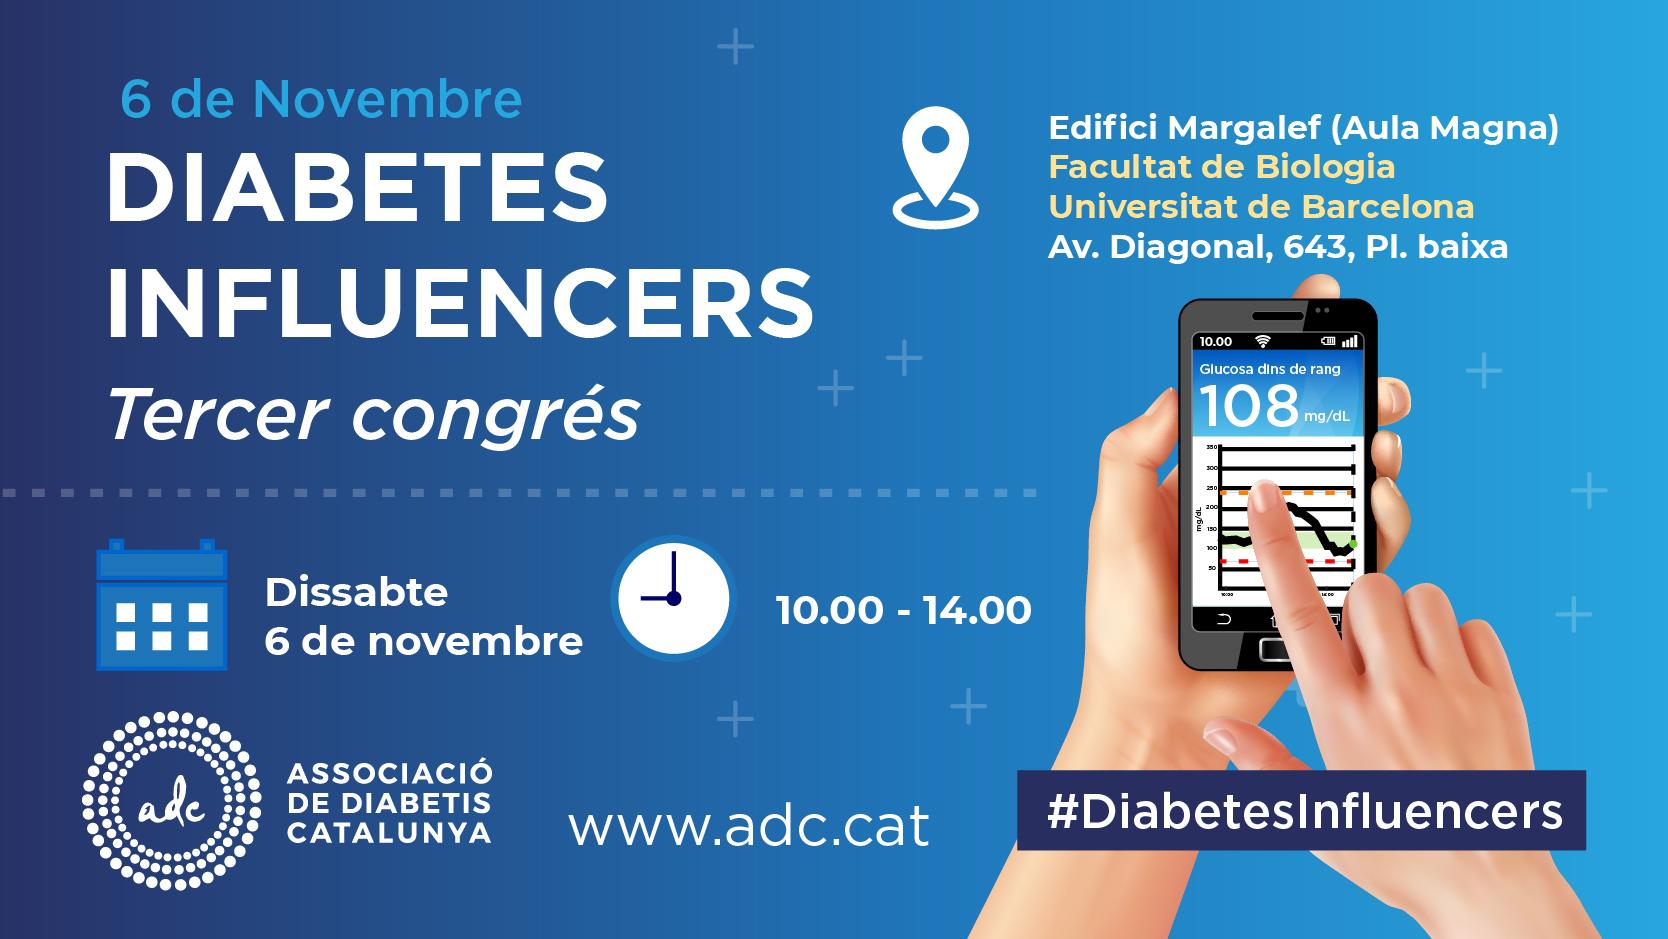 Diabetes Influencers 2021. Associació de Diabetis de Catalunya.